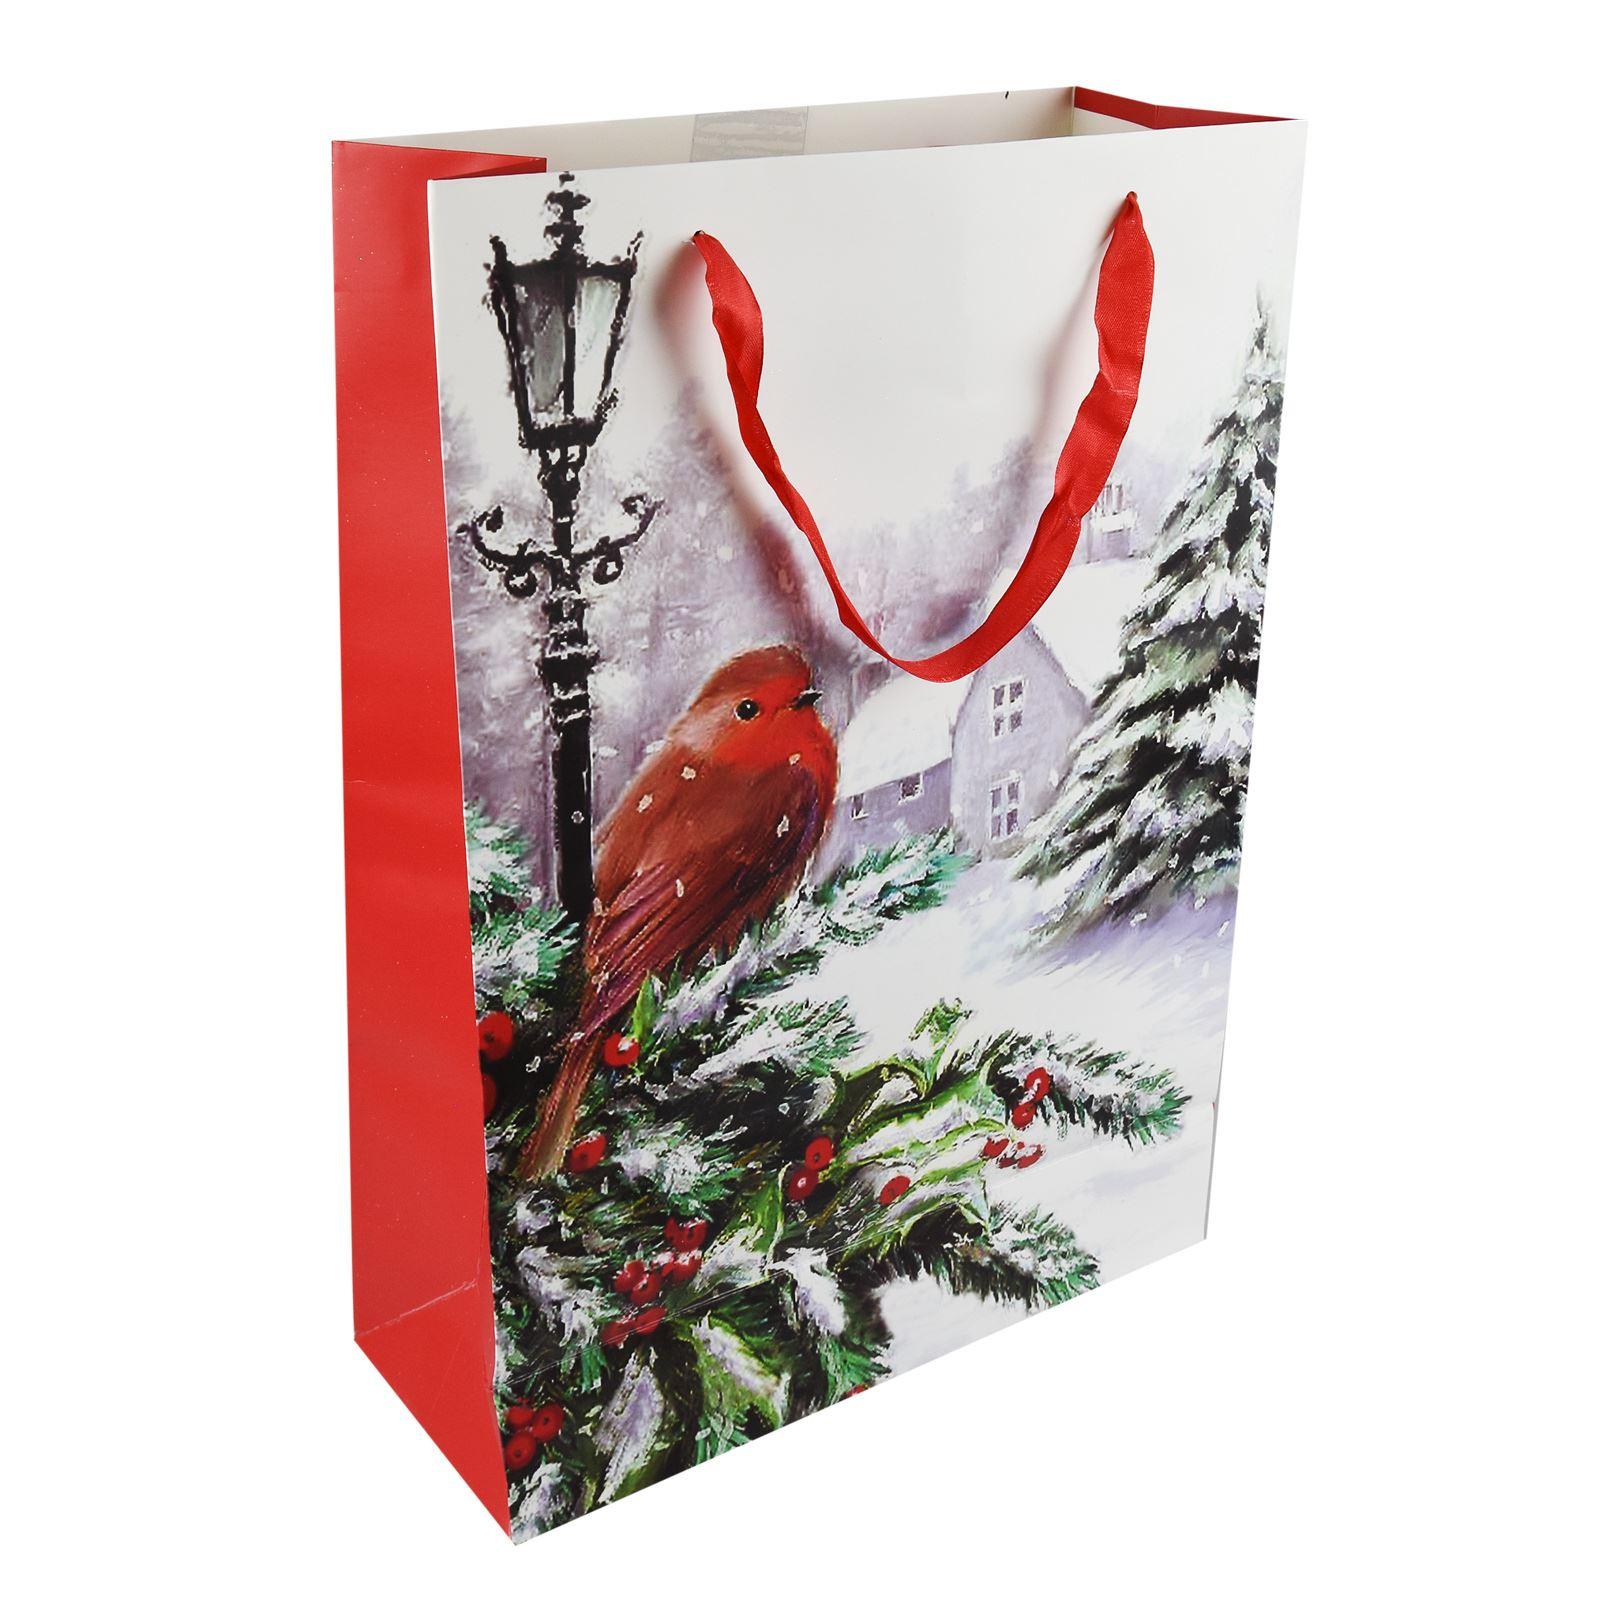 Tradizionale-Regalo-di-Natale-Borse-Regalo-Natale-Inverno-Glitter-Design-Paper-Carrier miniatura 9